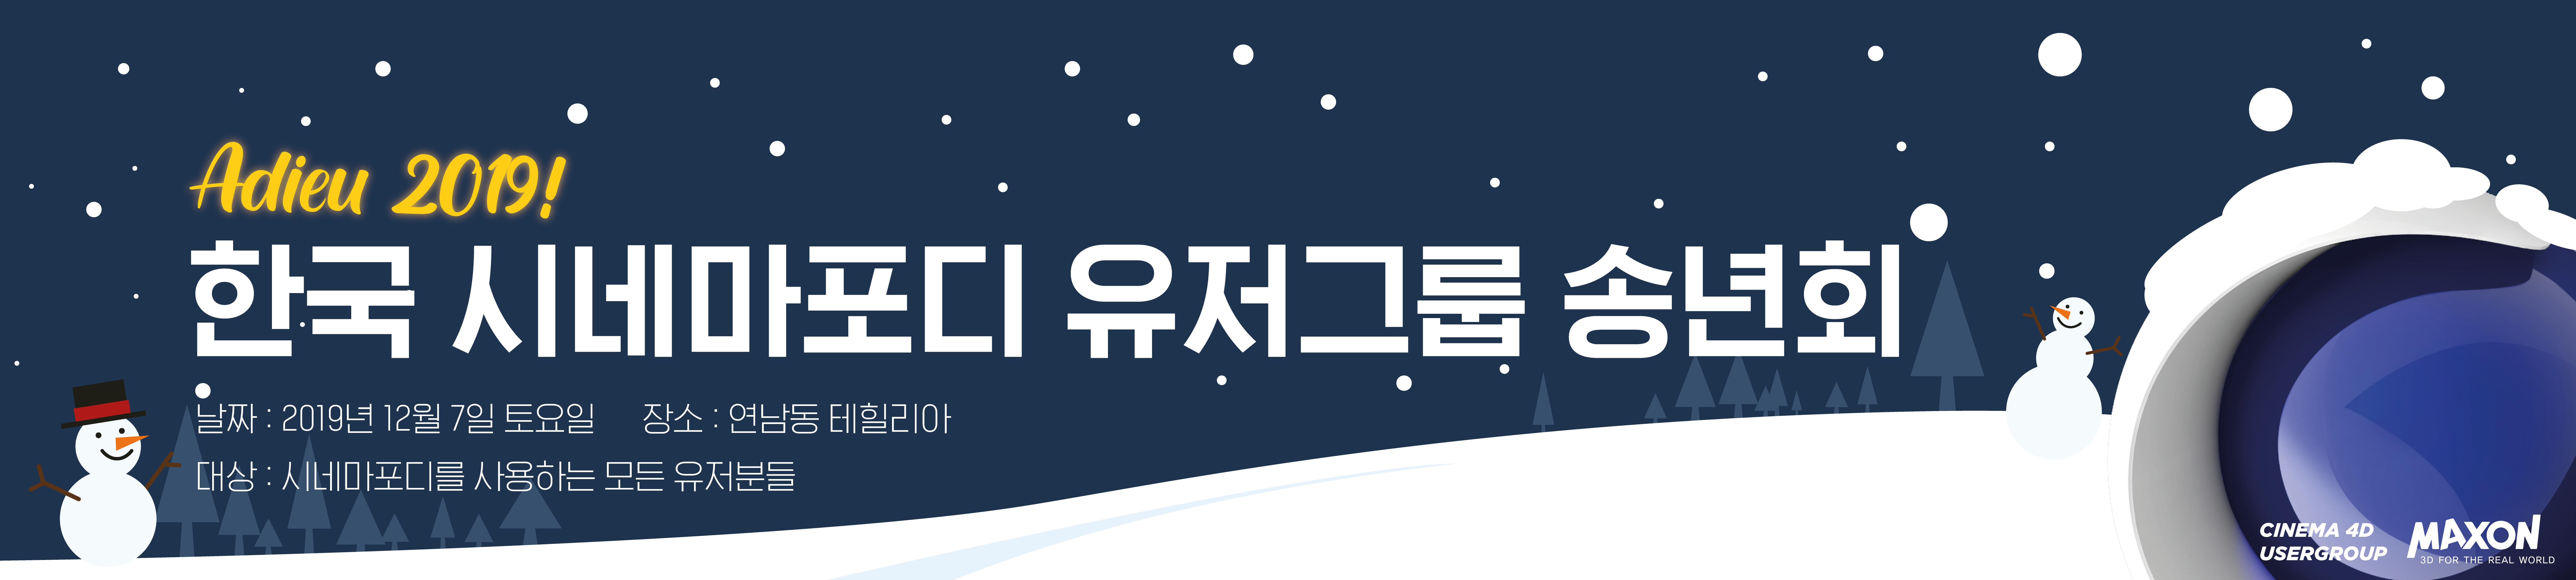 송녀회 현수막.png